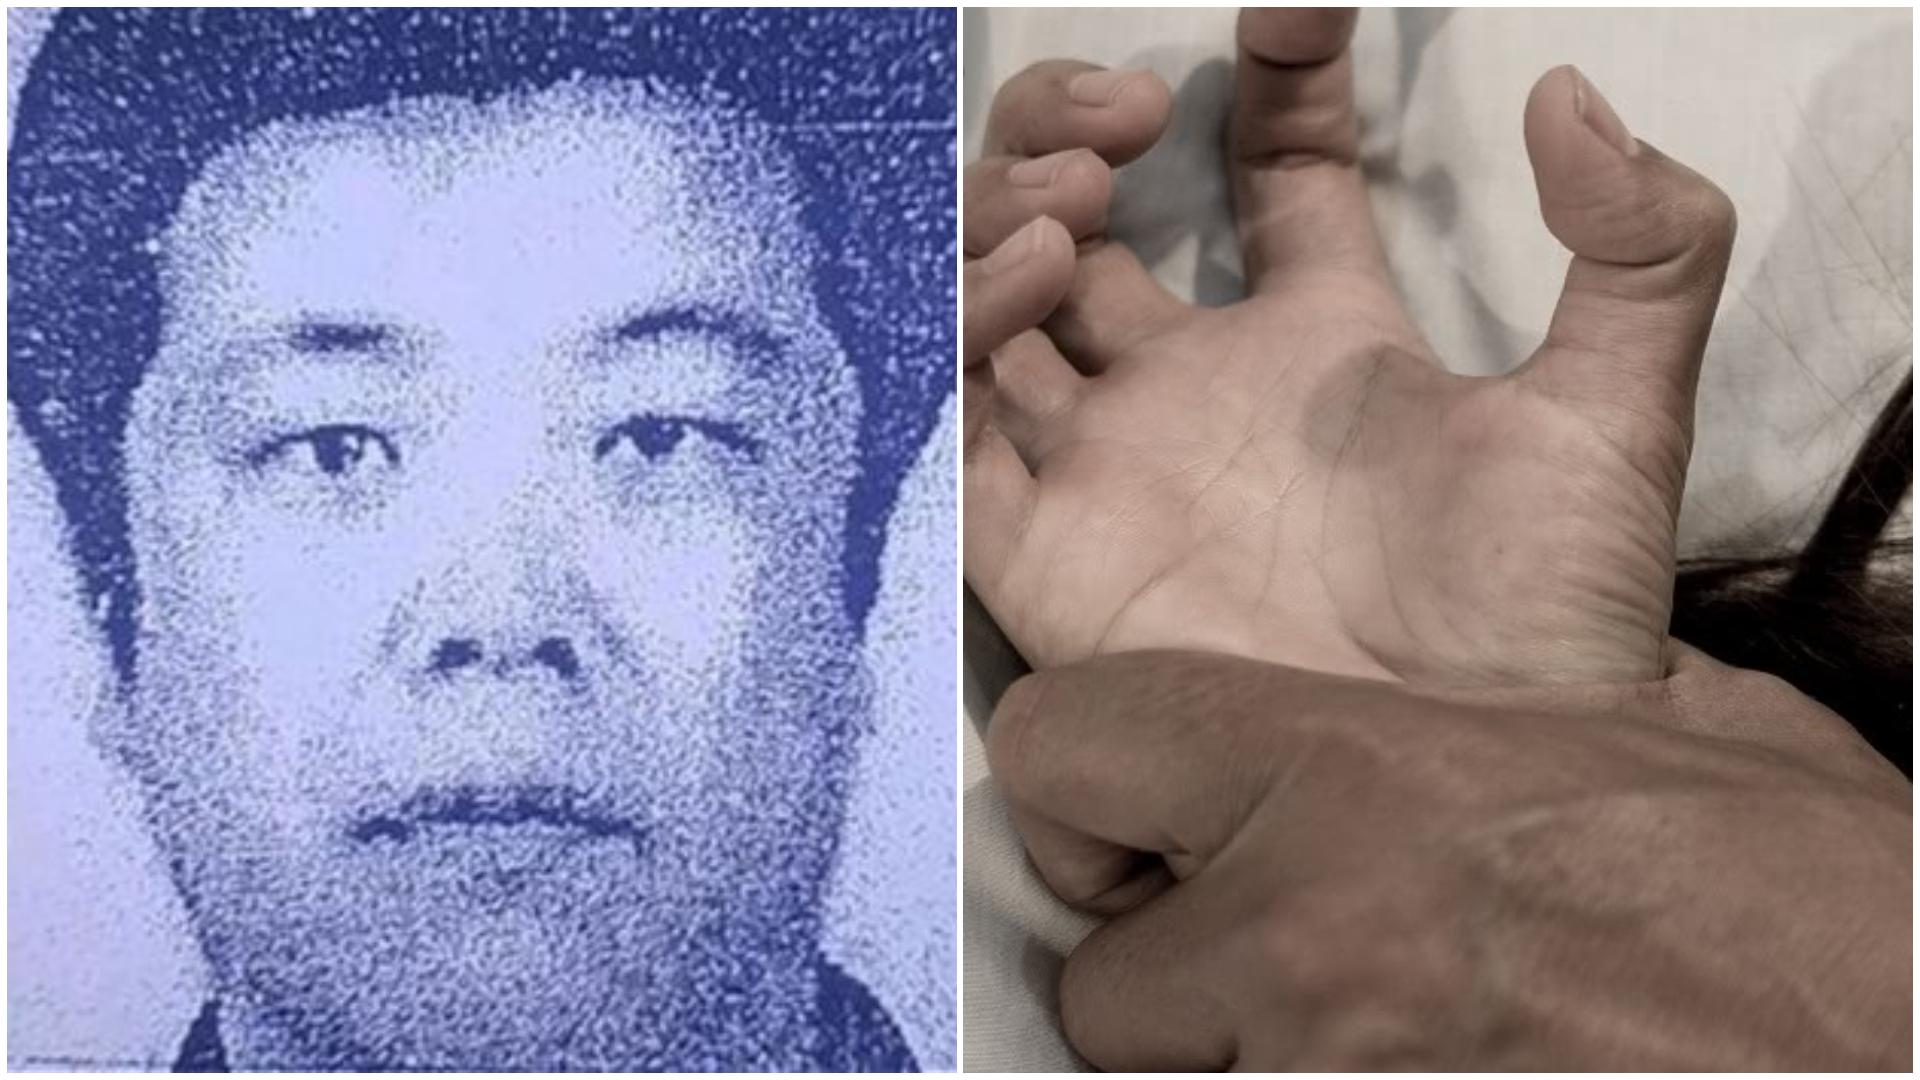 圖/翻攝自韓網、TVBS資料照 暴力侵犯女童害「腸流出」 惡嫌下月出獄正面照曝